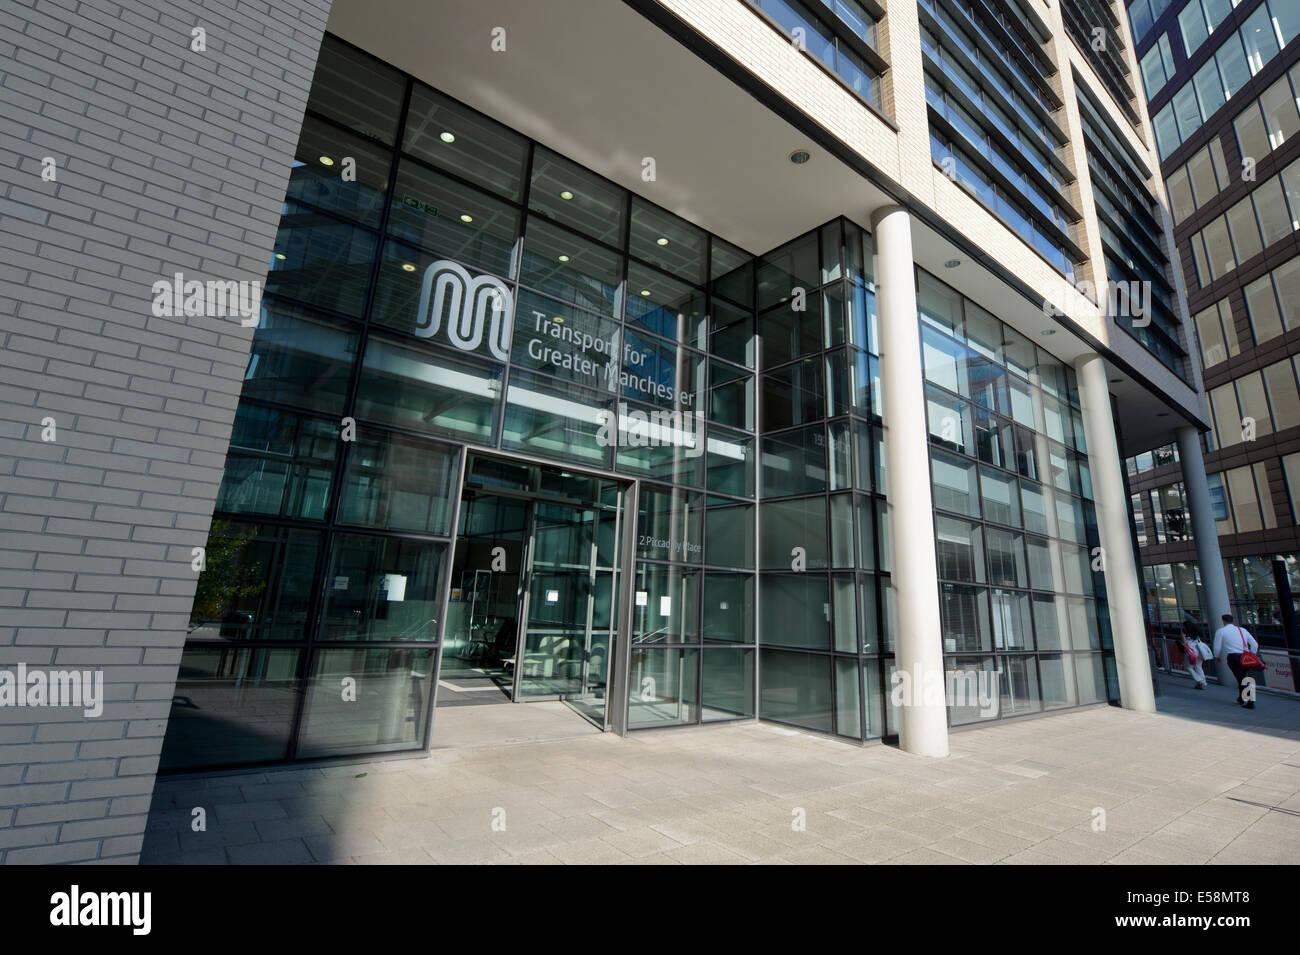 Der Eingang zum Hauptsitz Niederlassungen für den Transport für Greater Manchester (TfGM), ehemals GMPTE Stockbild